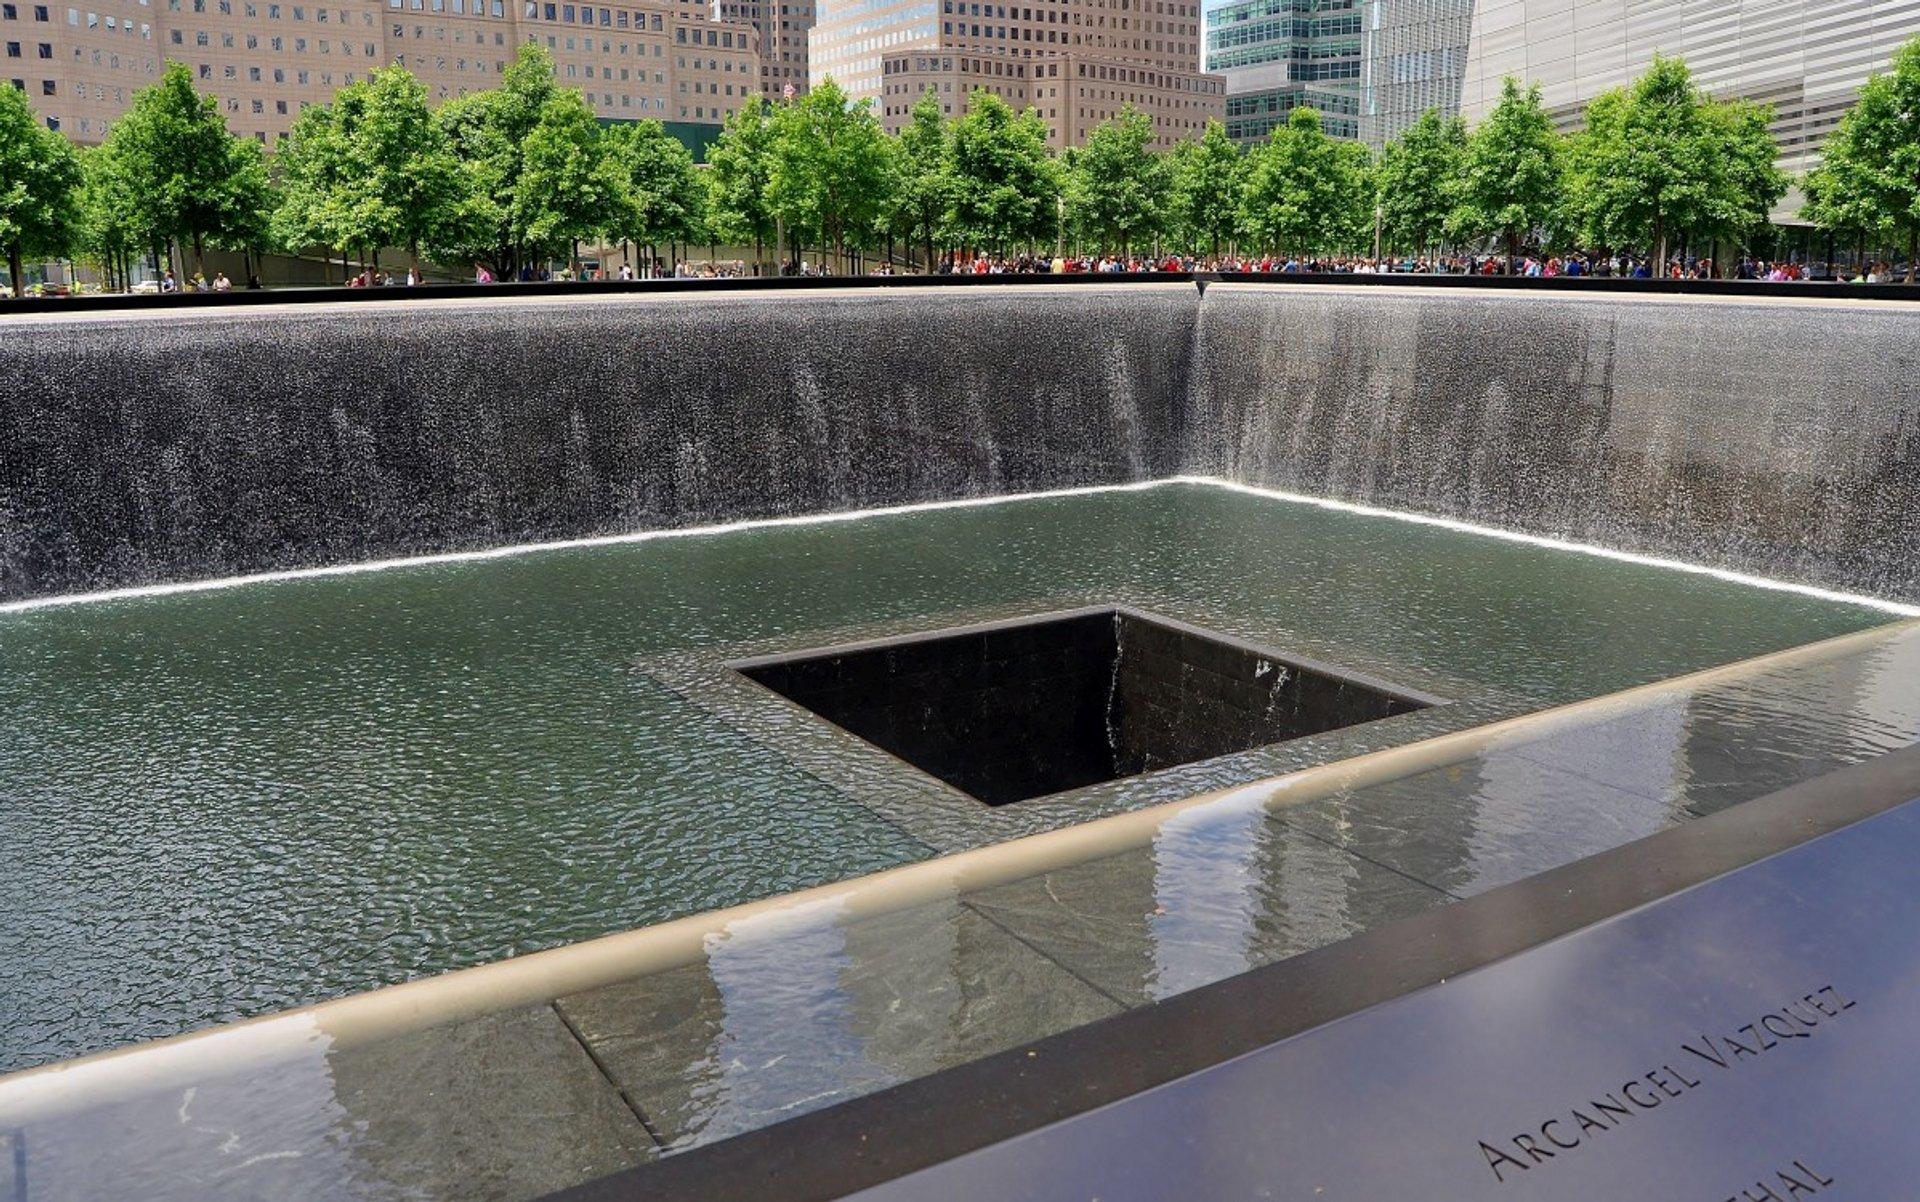 9/11 Memorial & Museum in New York - Best Season 2019